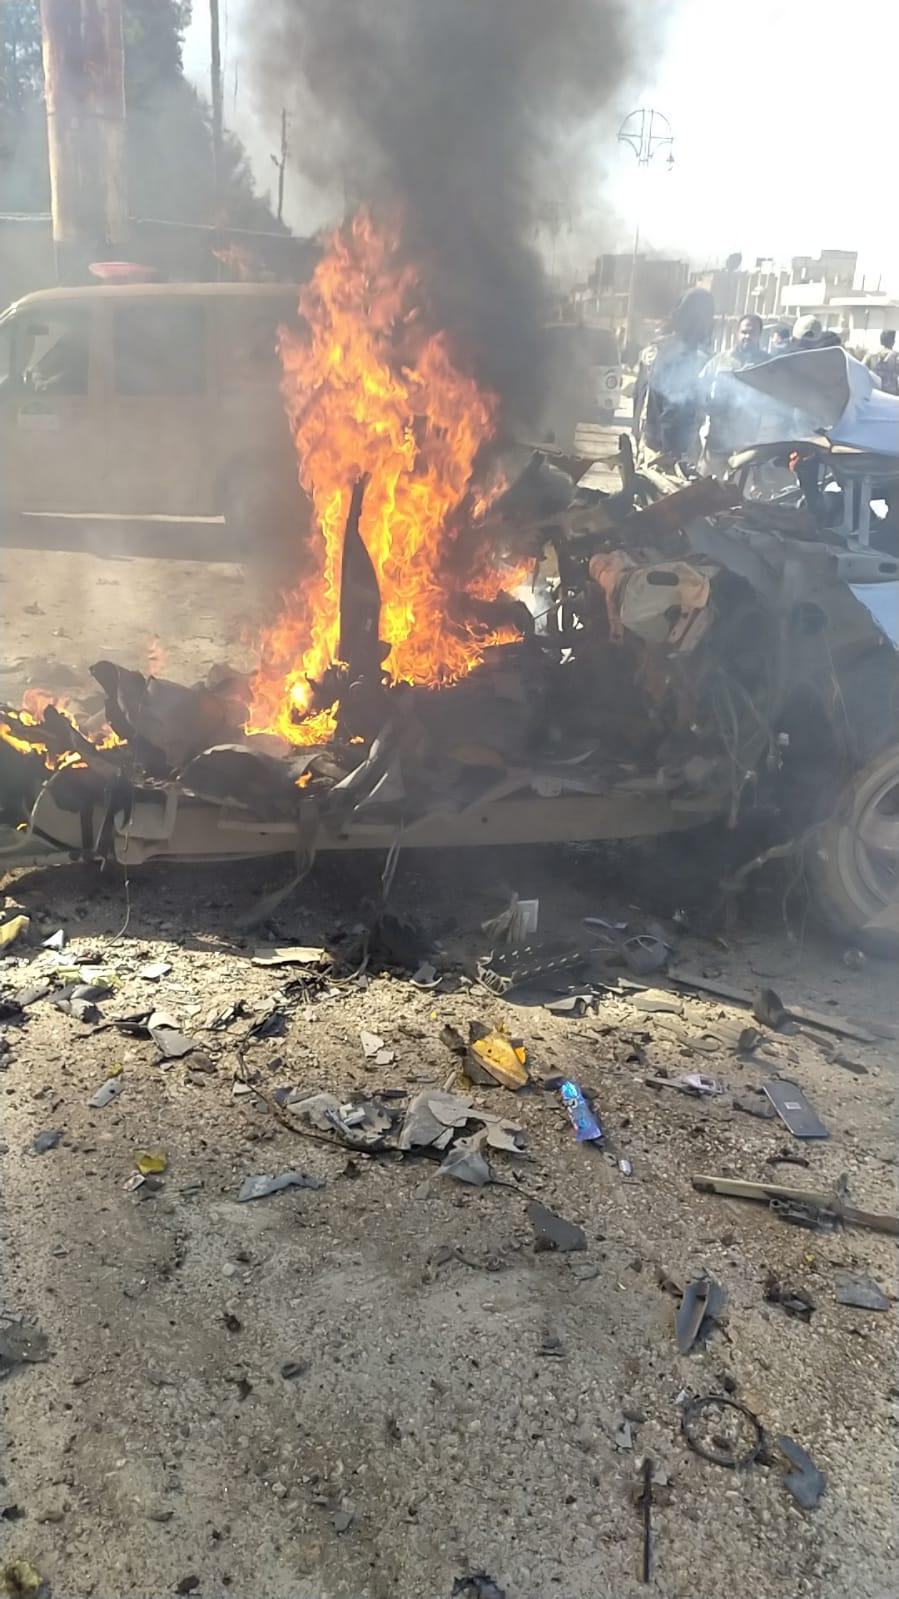 عکس/ انفجار خودروی بمب گذاری شده در رأس العین سوریه